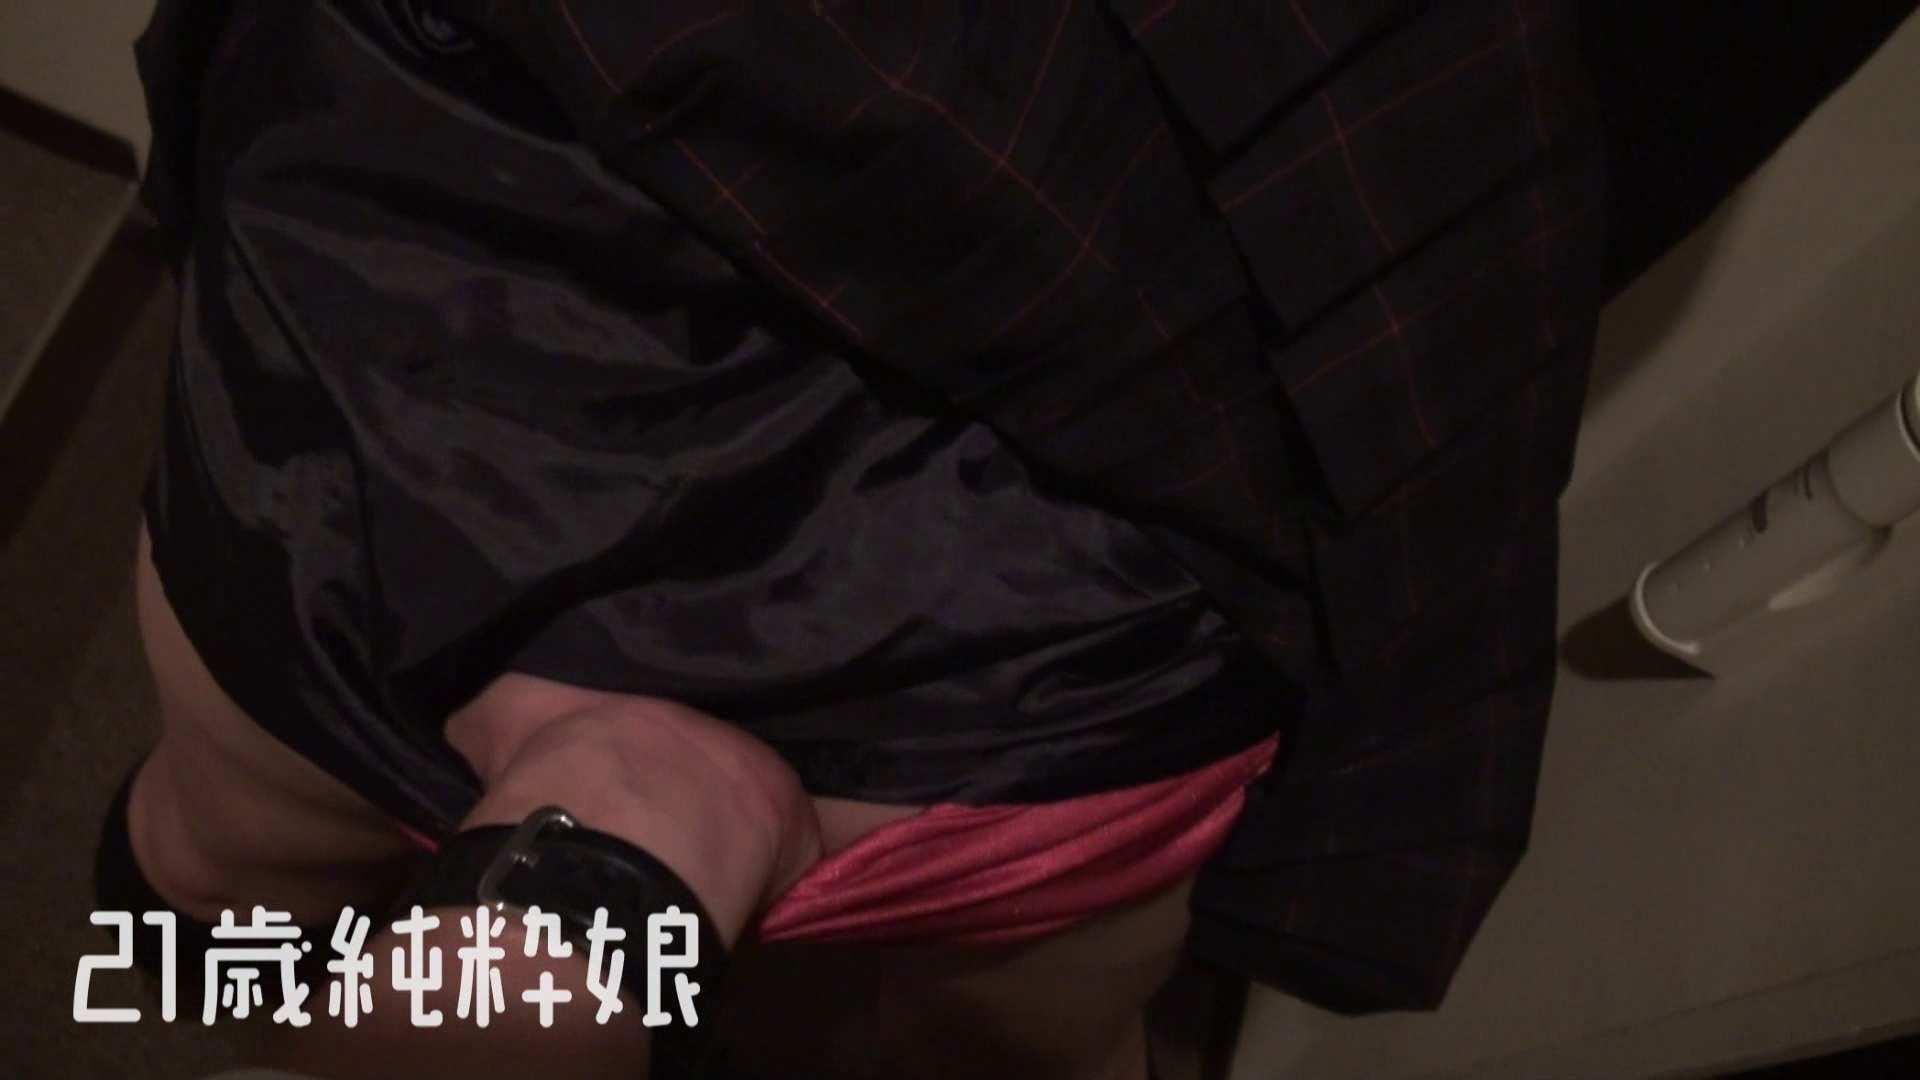 上京したばかりのGカップ21歳純粋嬢を都合の良い女にしてみた 出会い系 AV動画キャプチャ 86pic 23